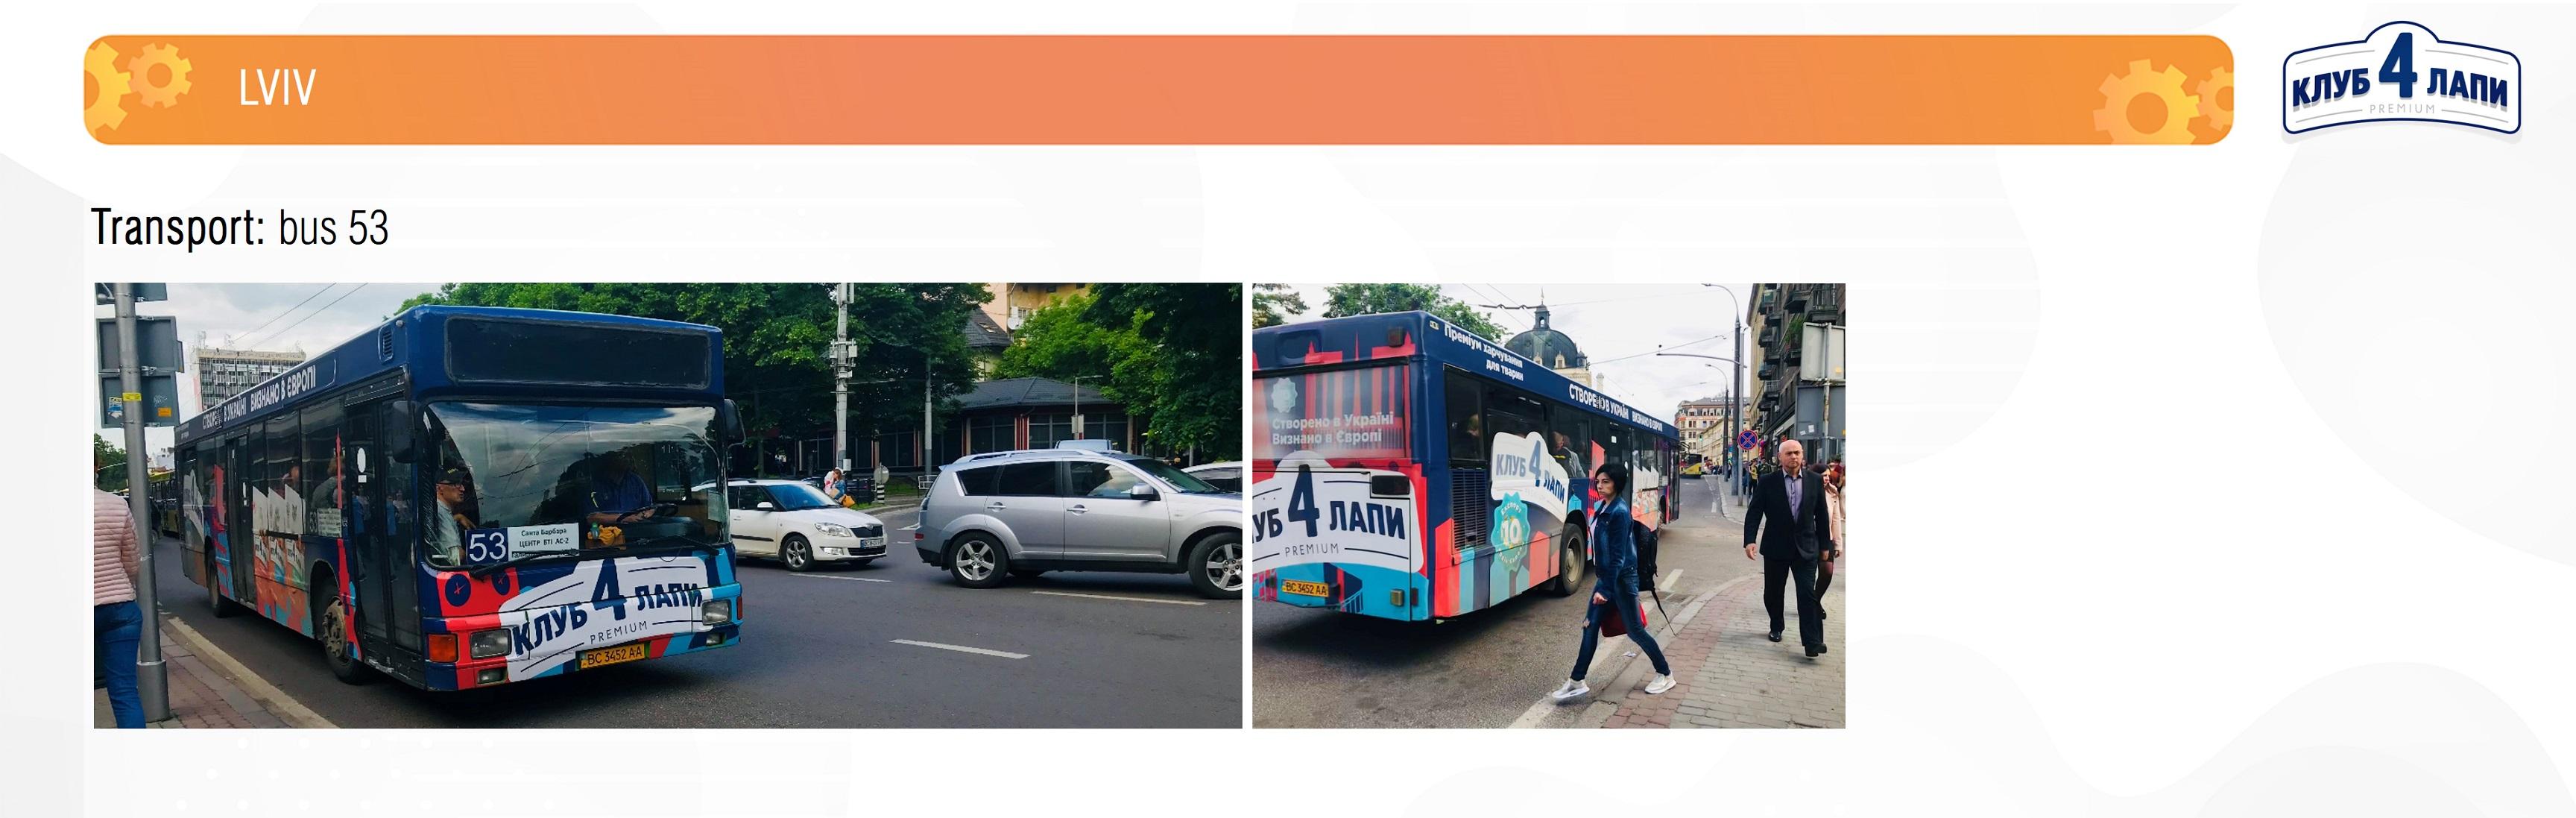 Реклама на транспорте Львов. Забрендировать автобус.